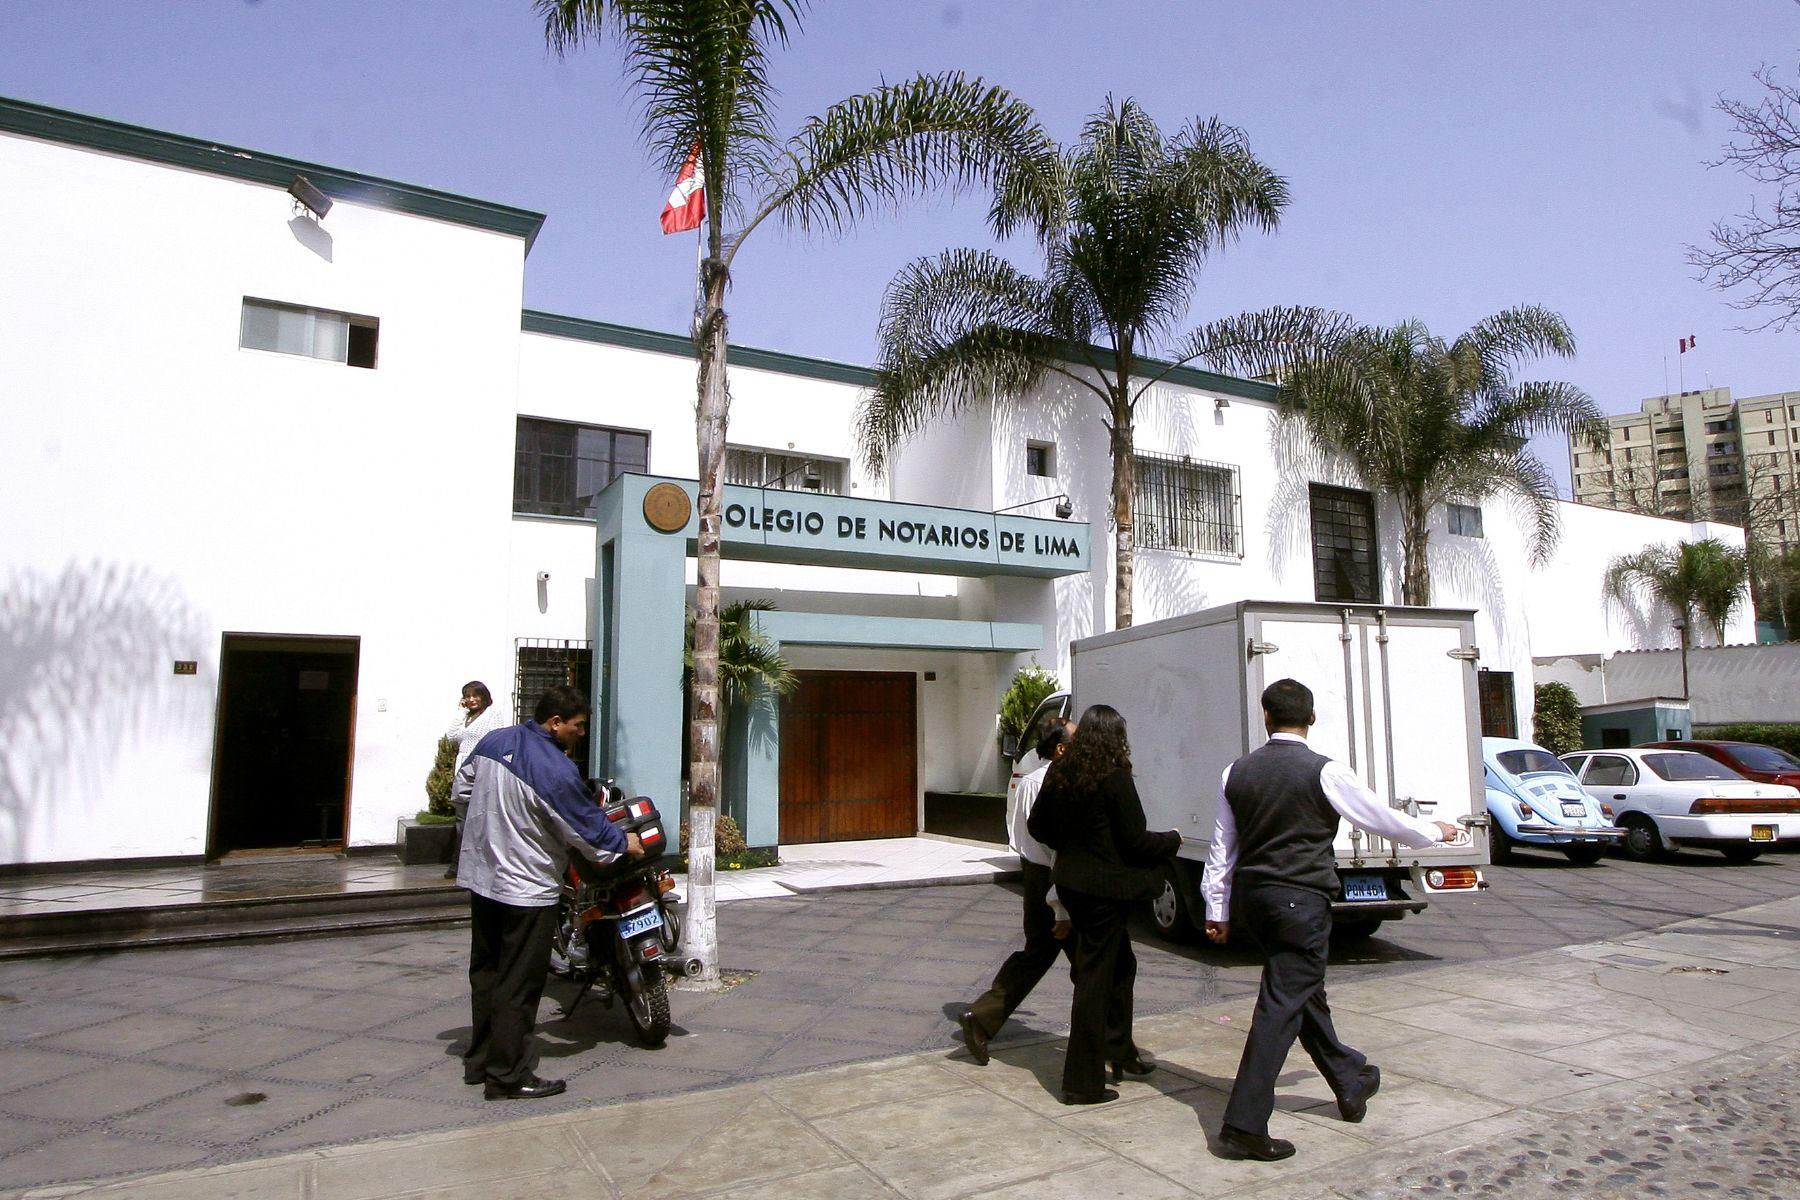 Colegio de Notarios de Lima.